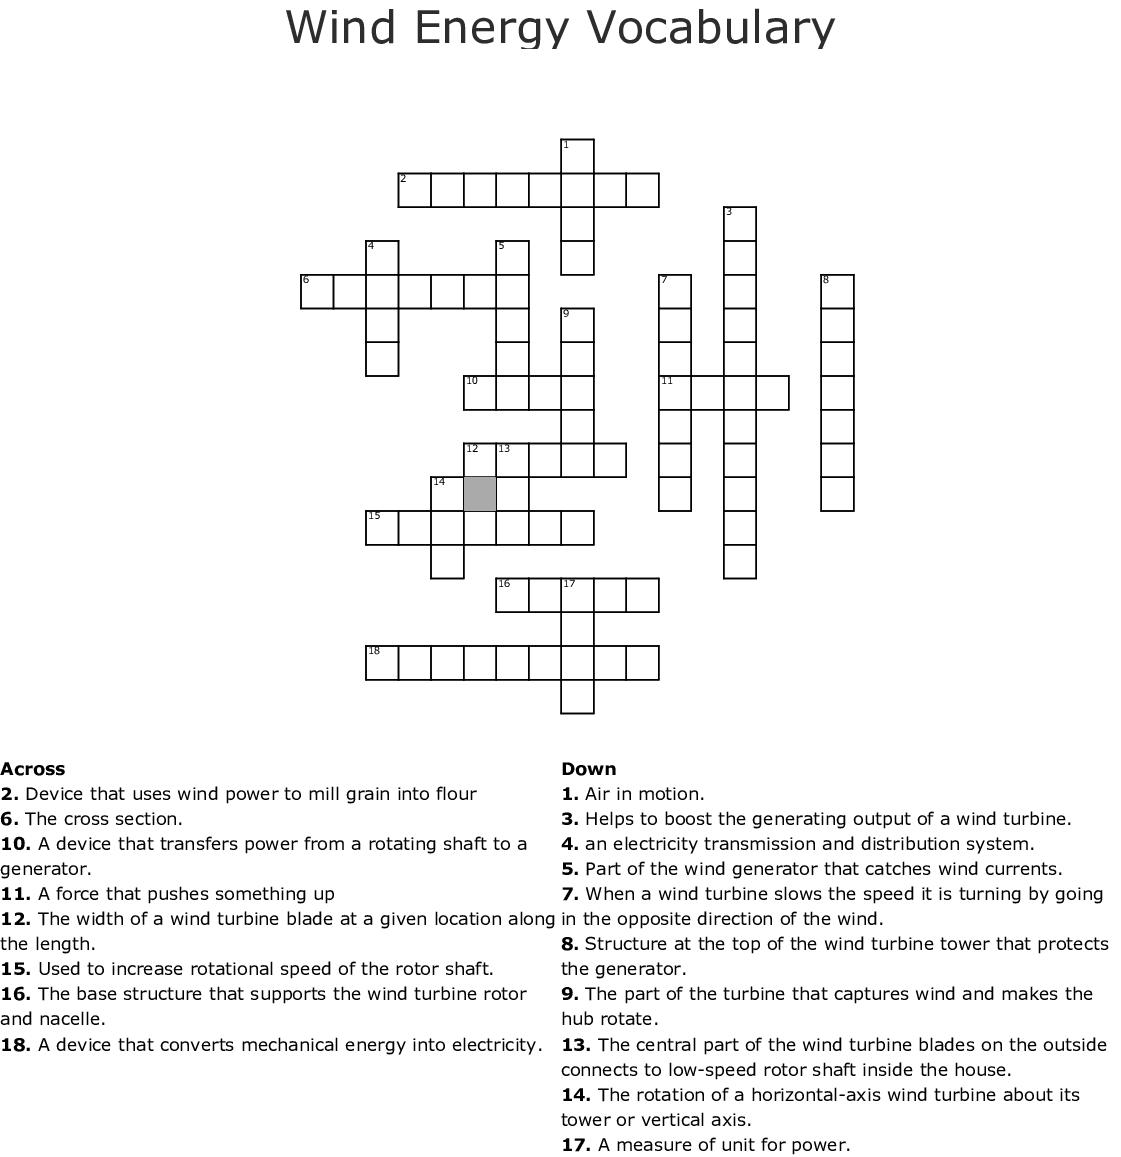 Wind Energy Vocabulary Crossword Wordmint